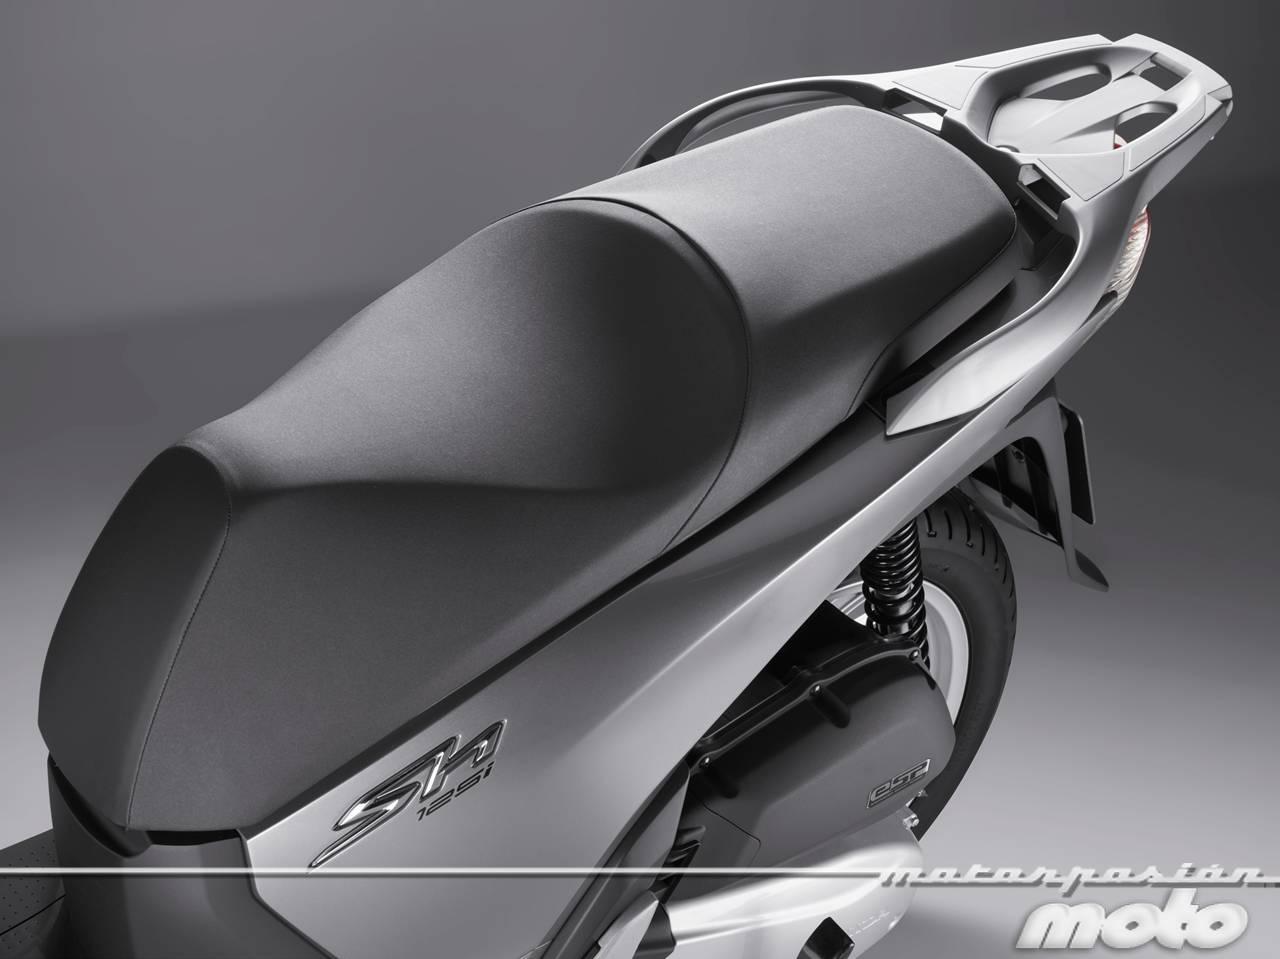 Foto de Honda Scoopy SH125i 2013, prueba (valoración, galería y ficha técnica)  - Fotos Detalles (63/81)